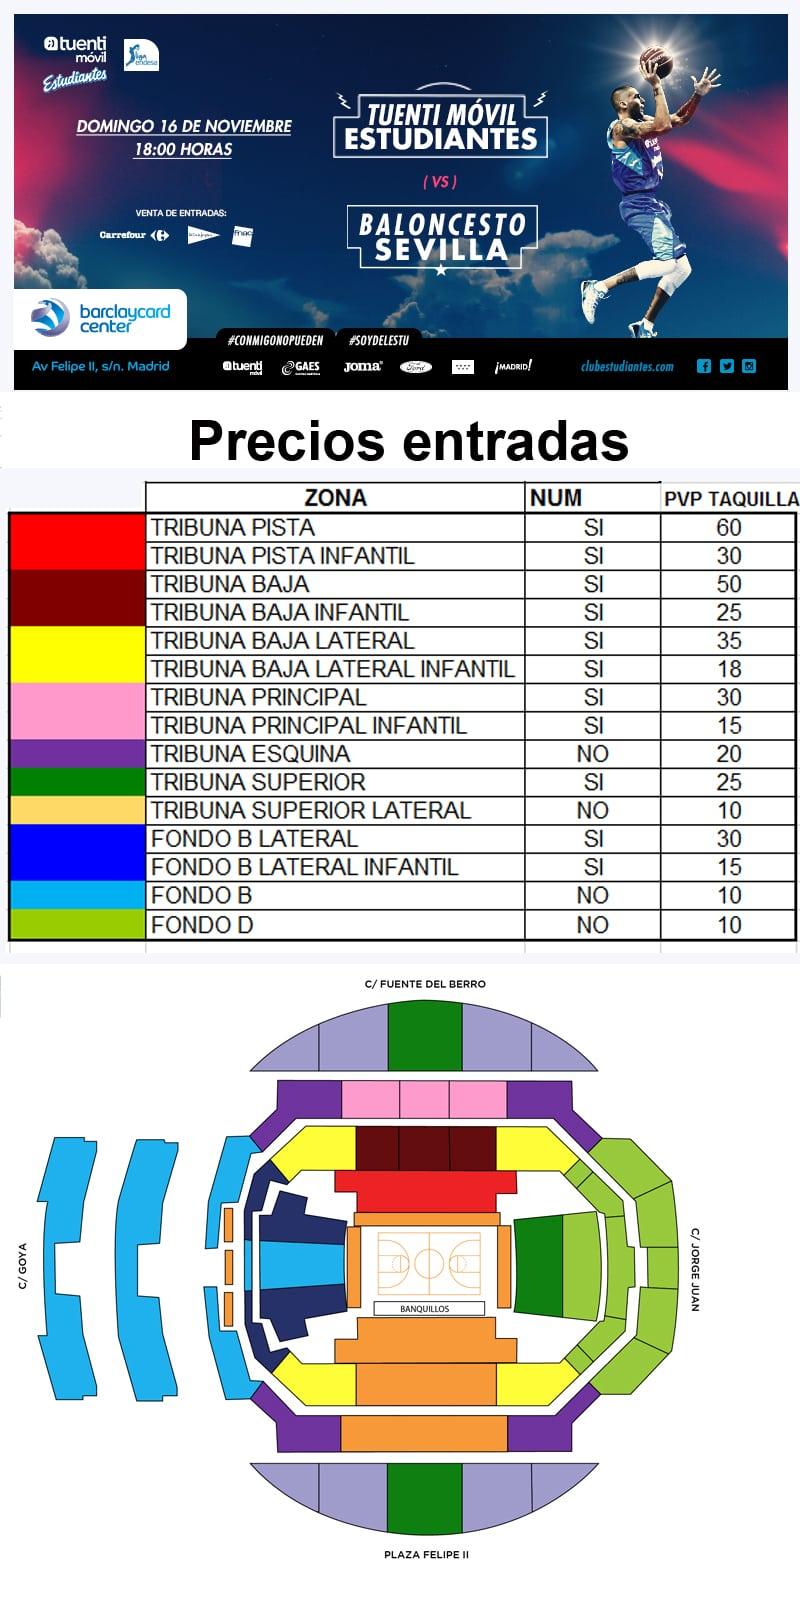 Entradas Tuenti Móvil Estudiantes -Baloncesto Sevilla. Domingo 16 de noviembre, 18:00h